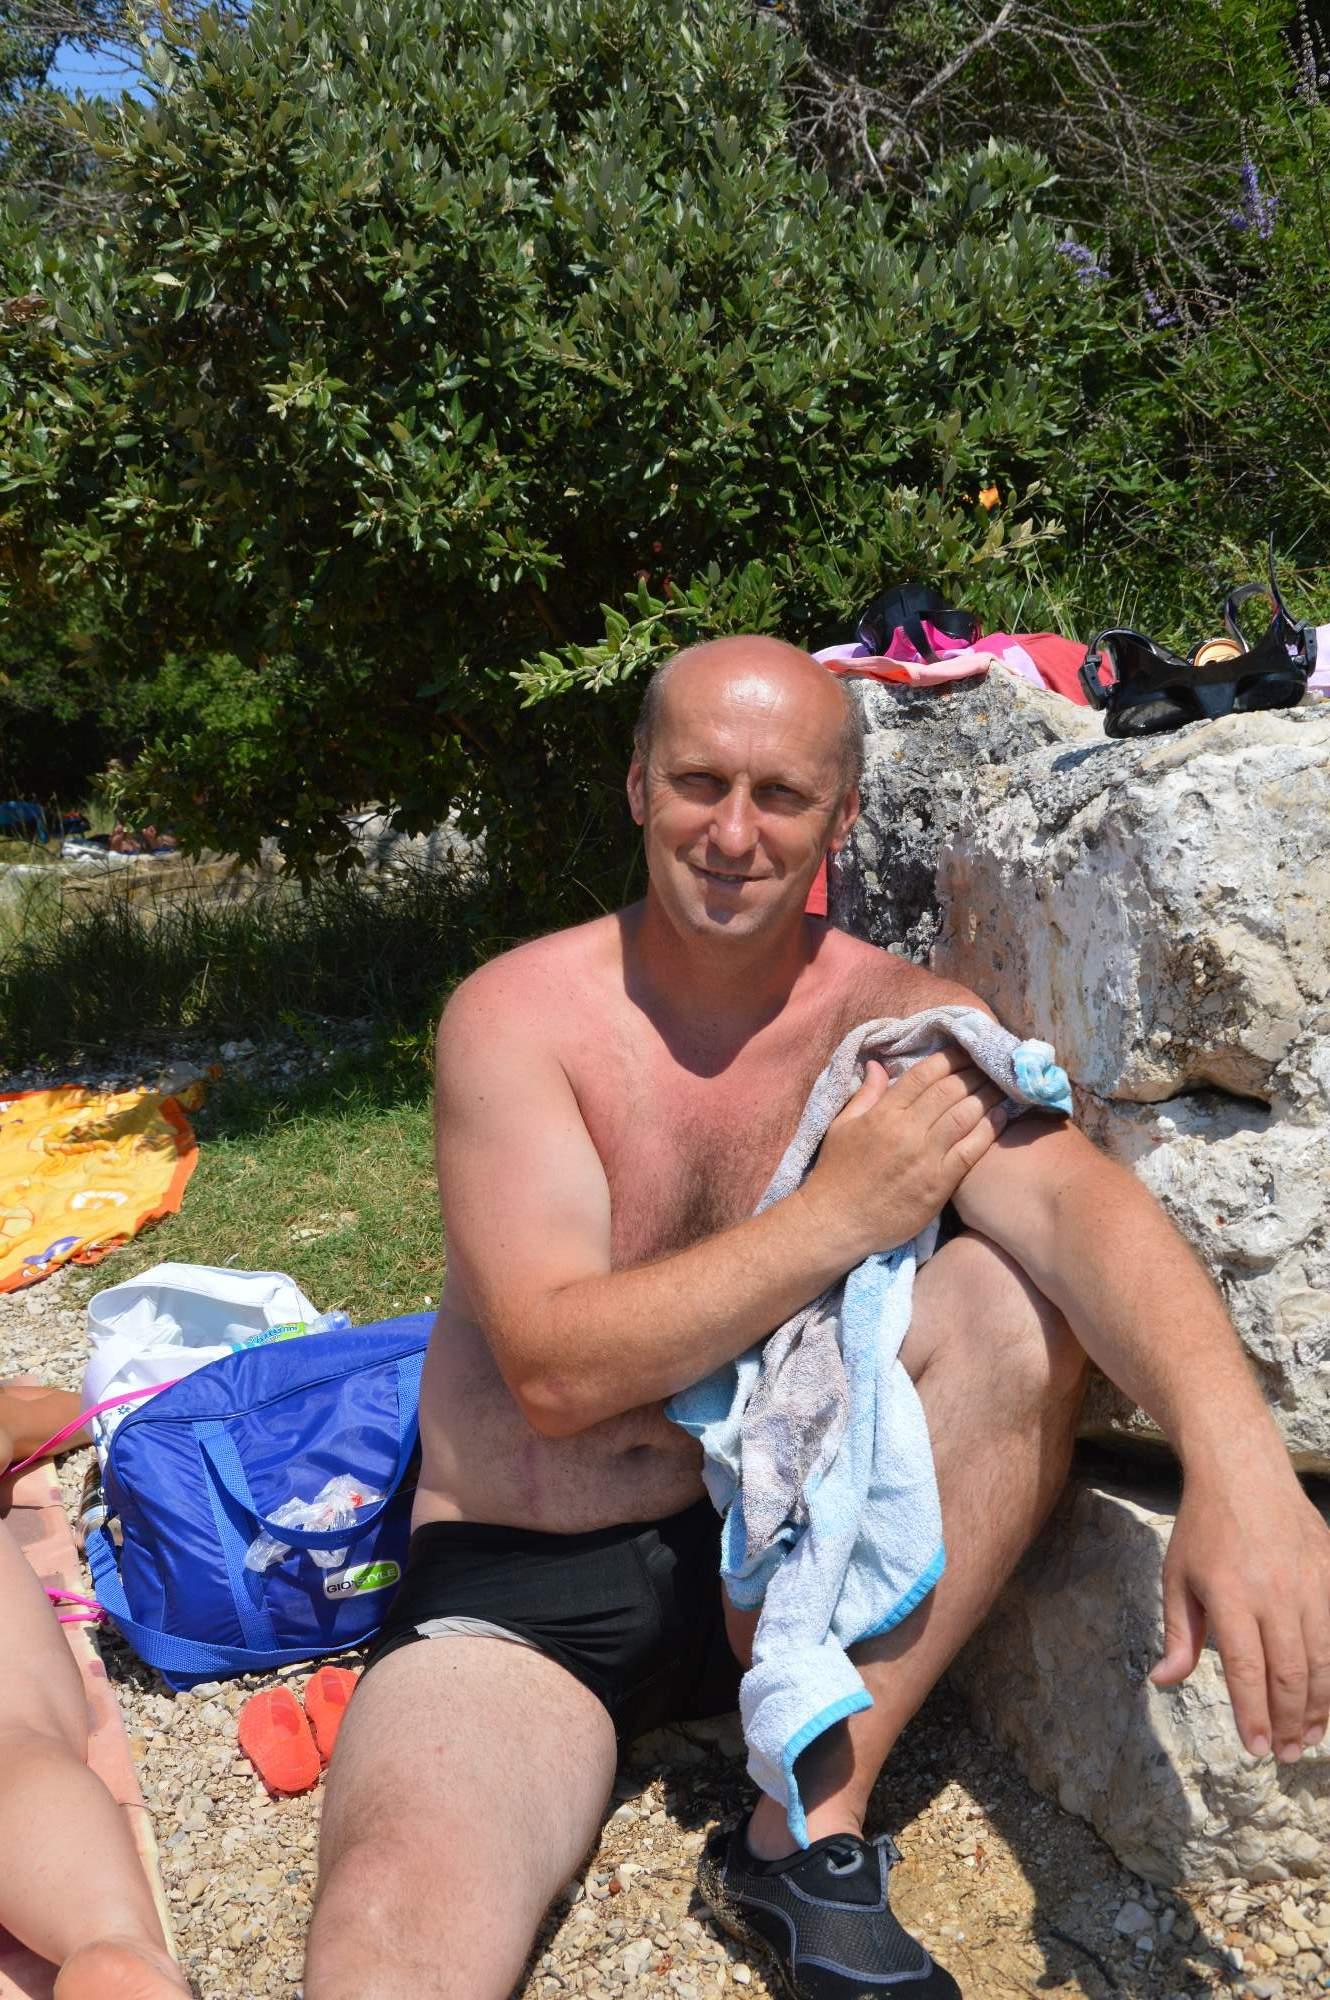 http://img19.rajce.idnes.cz/d1902/11/11369/11369498_ba1b1cc51aa2b100ecd01c05fe1b9075/images/DSC_0611.jpg